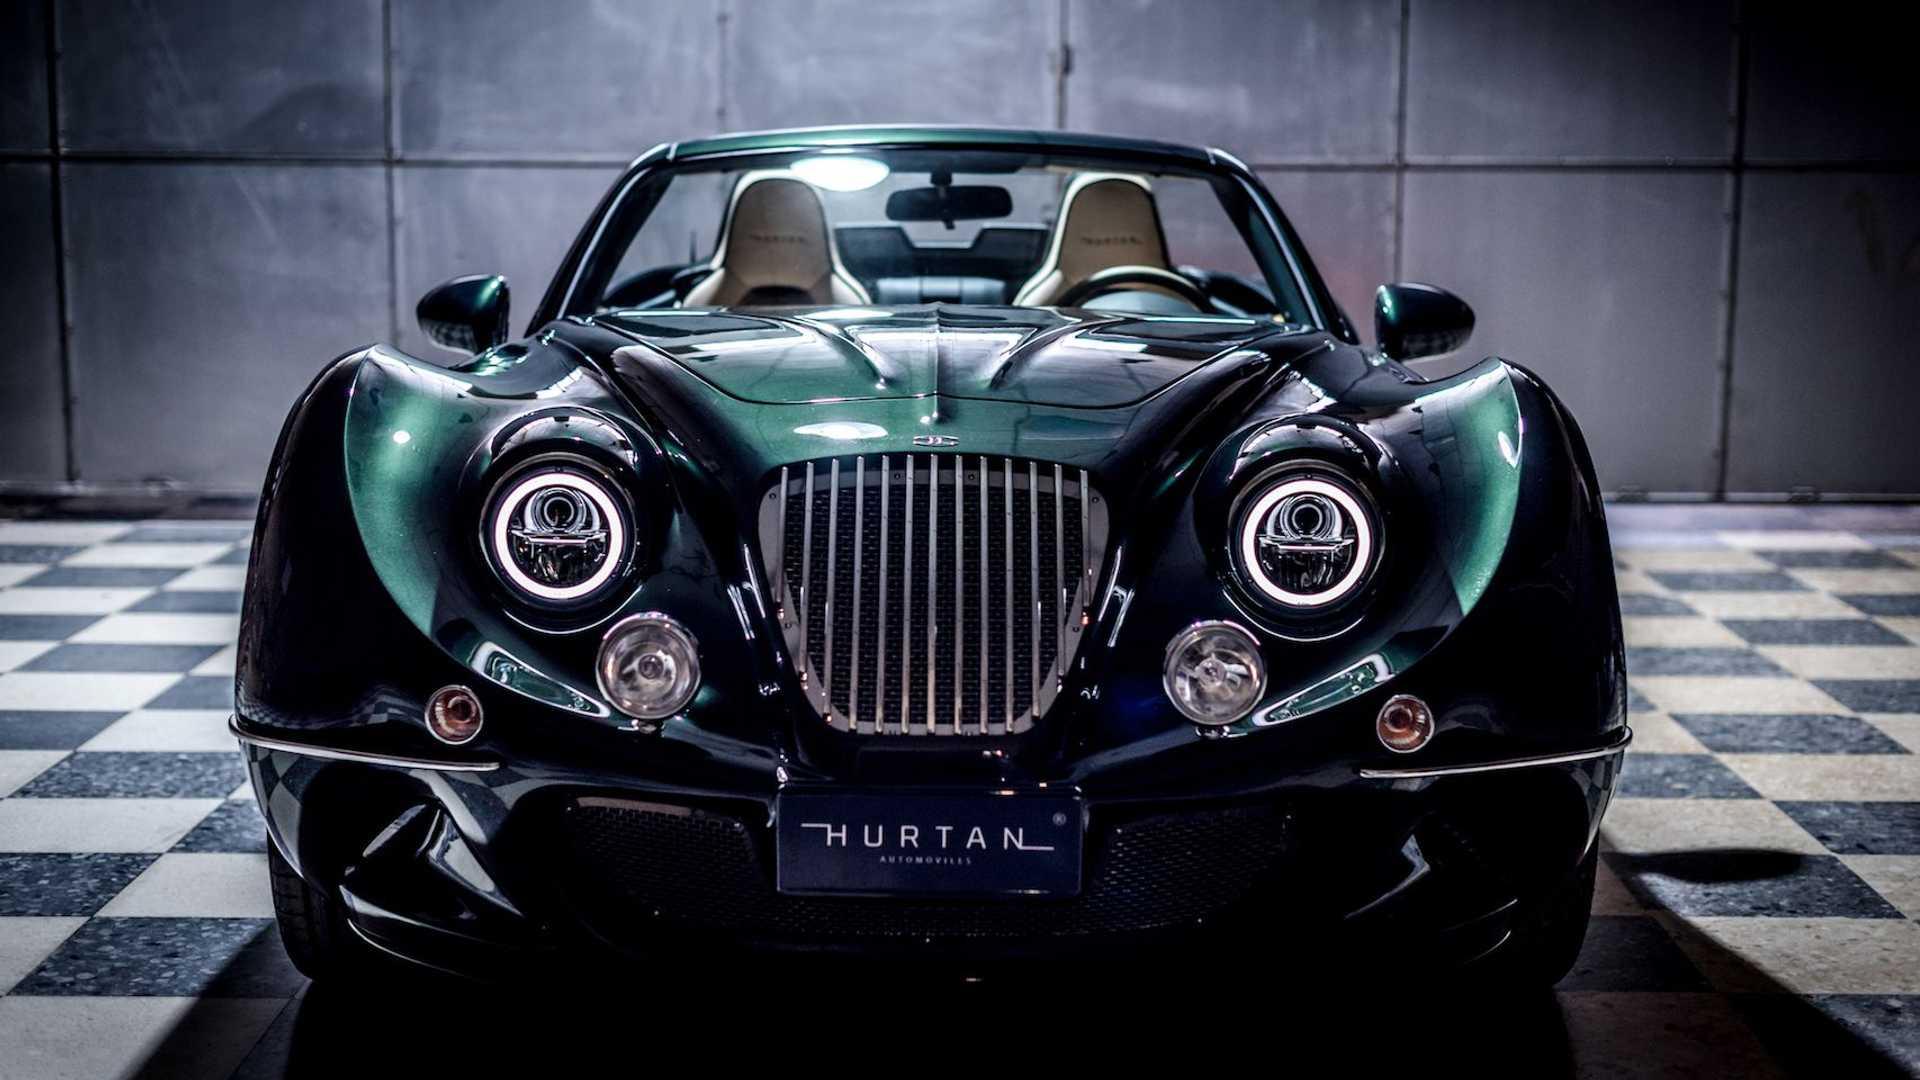 魔改 Mazda MX-5 後的 Hurtan Grand Albaycin 簡直讓時光到流回 1960 年代